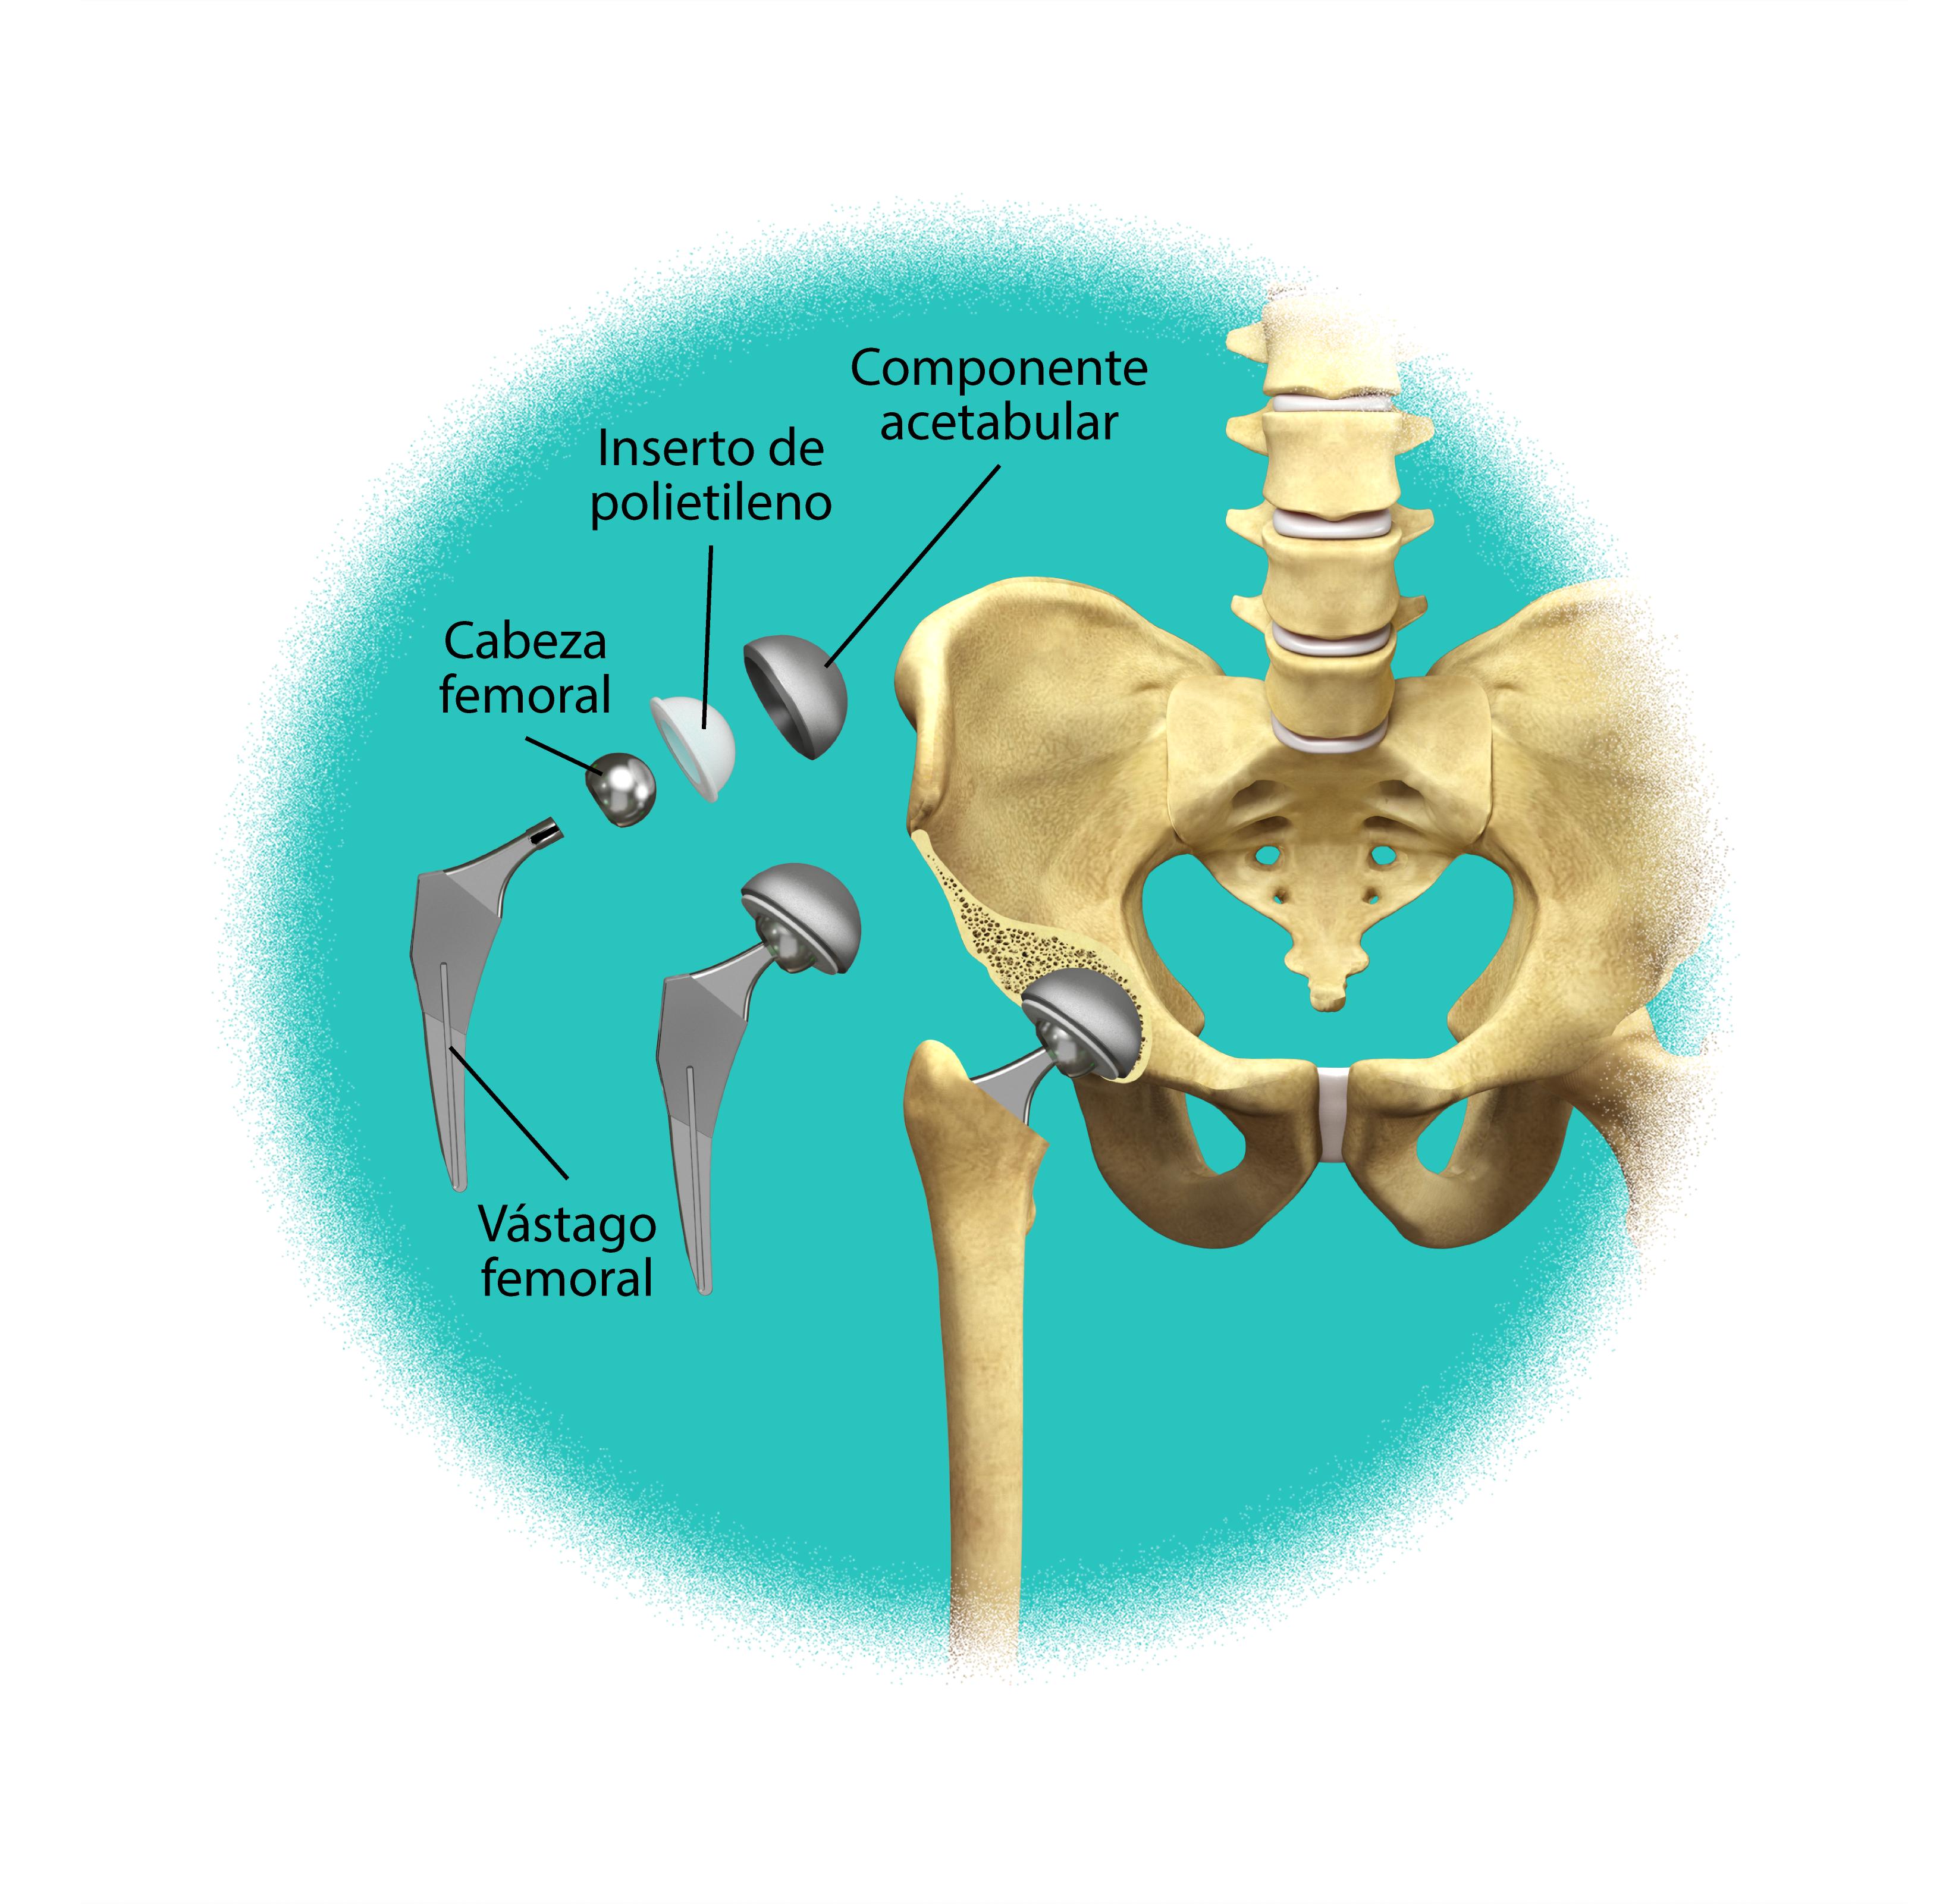 Prótesis de la cadera